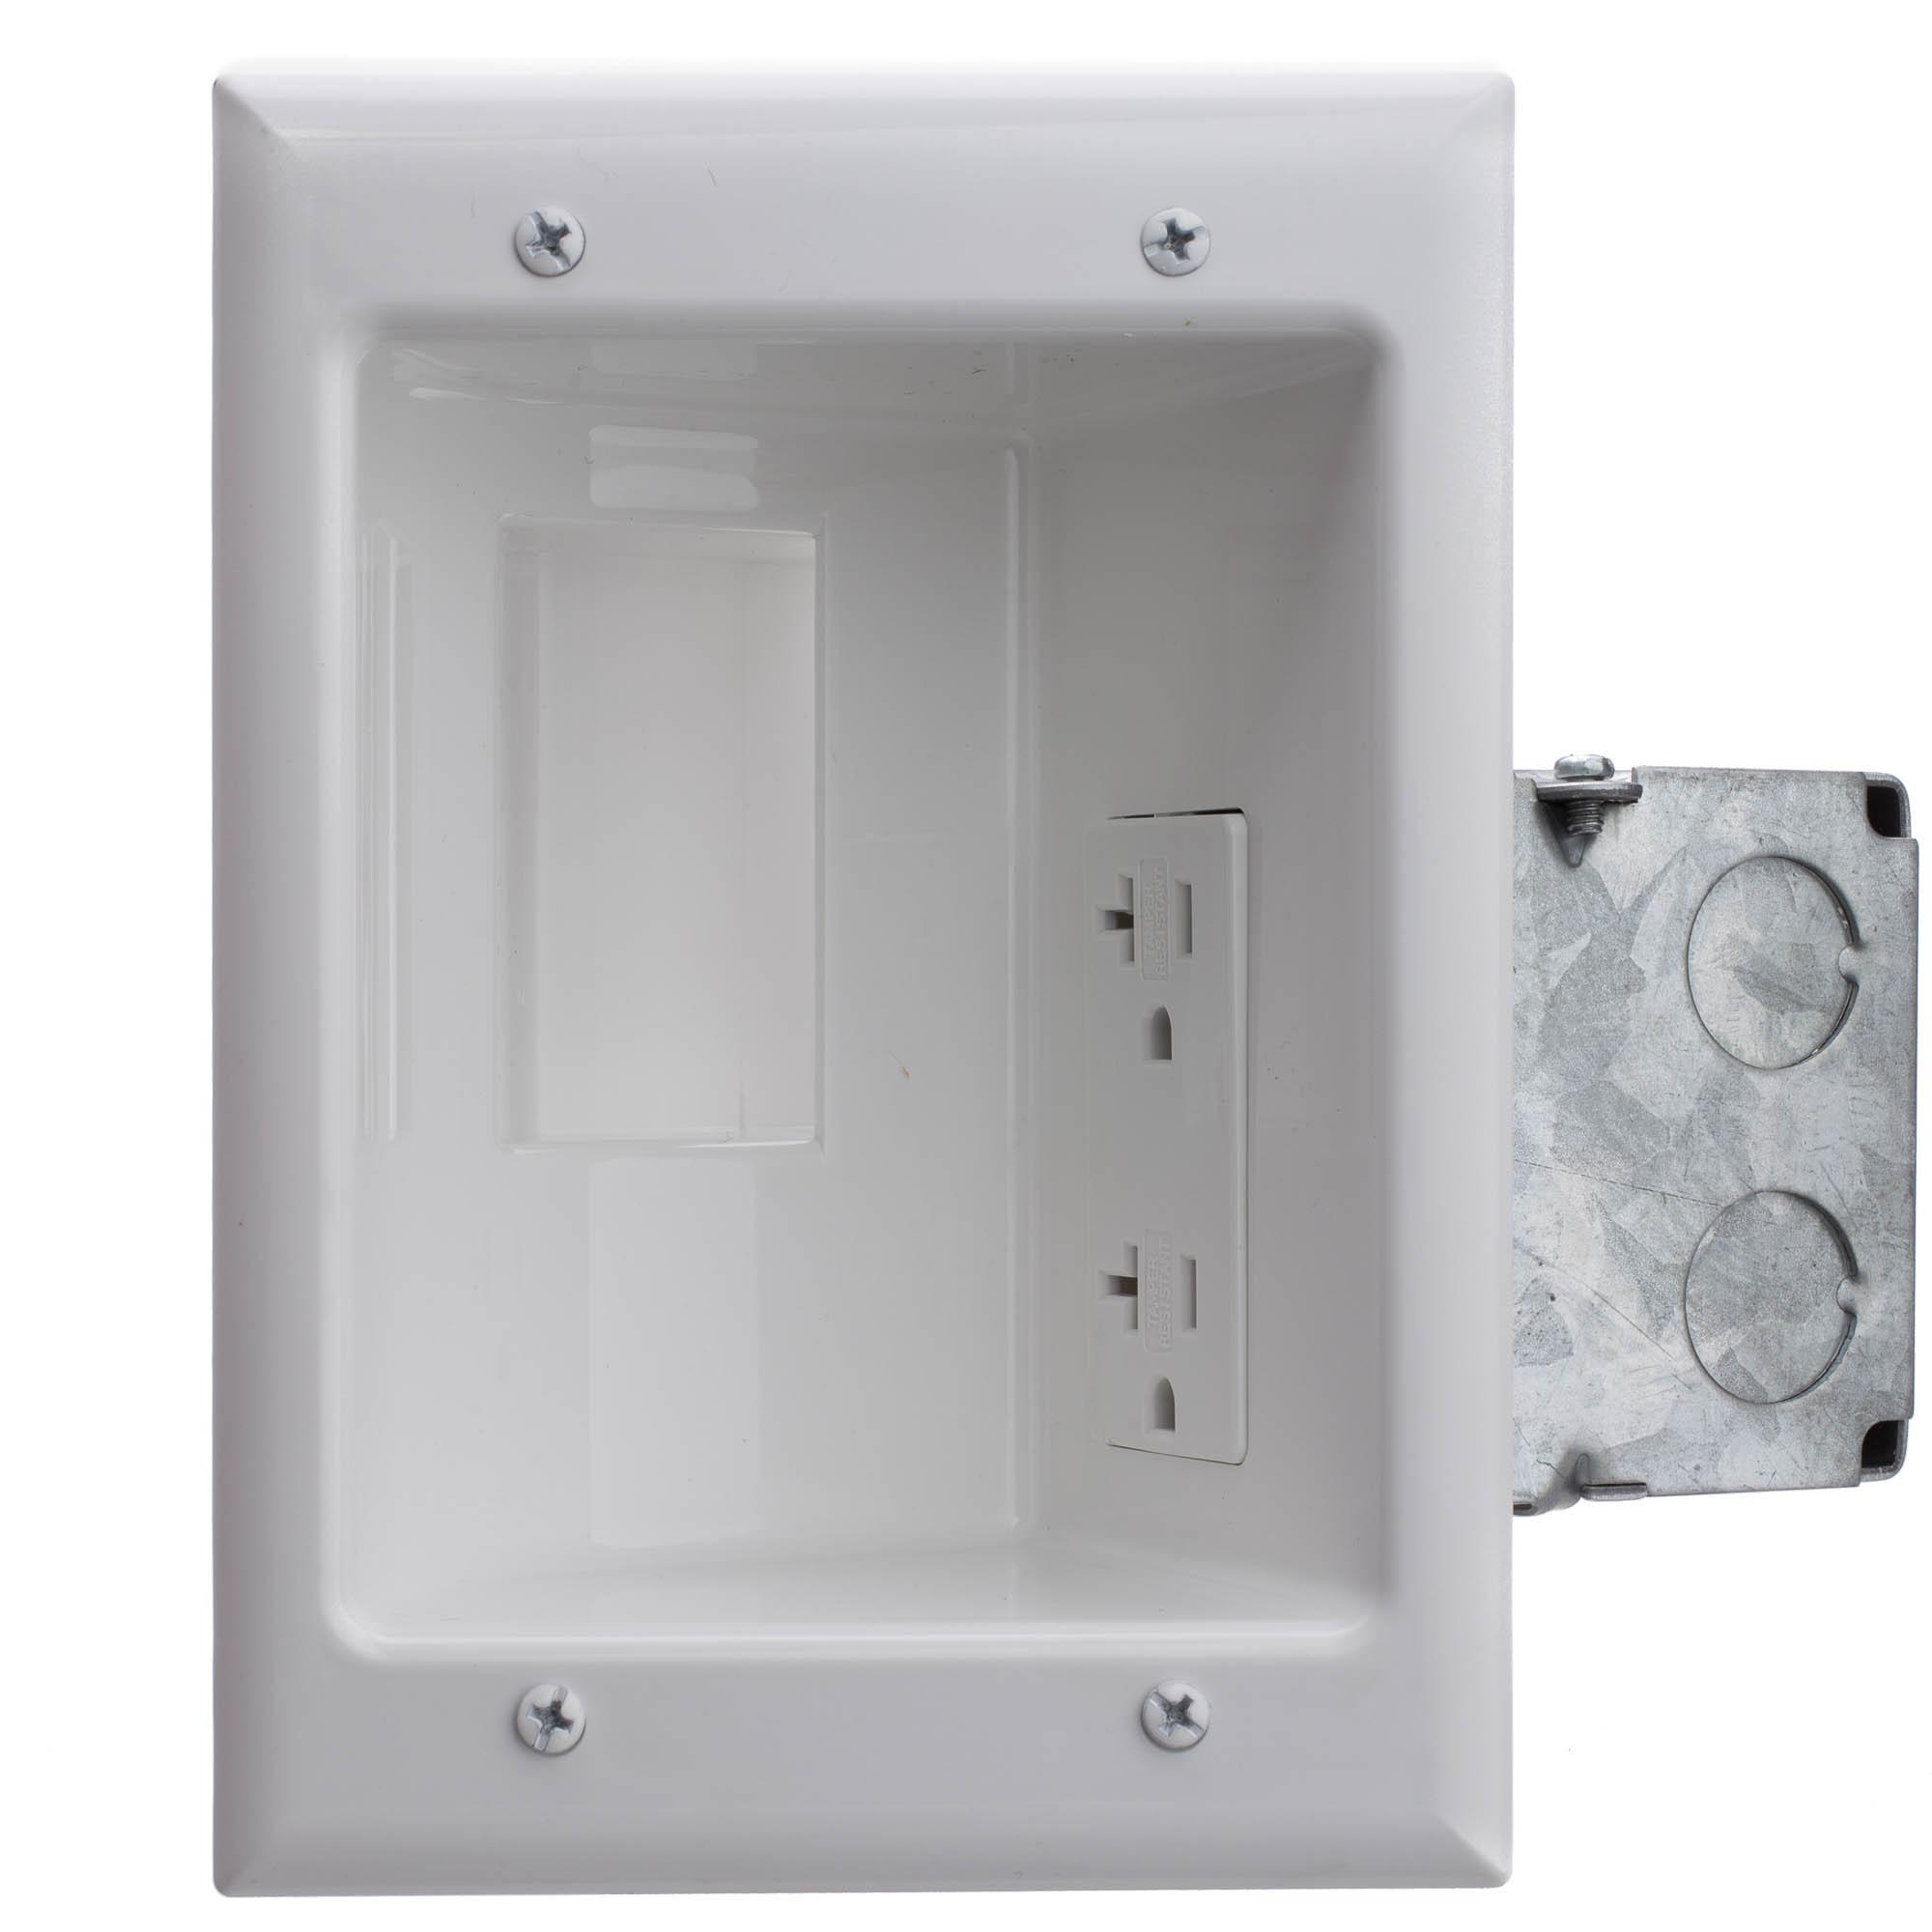 Recessed Low Voltage, 20 Amp Duplex Receptacle, White